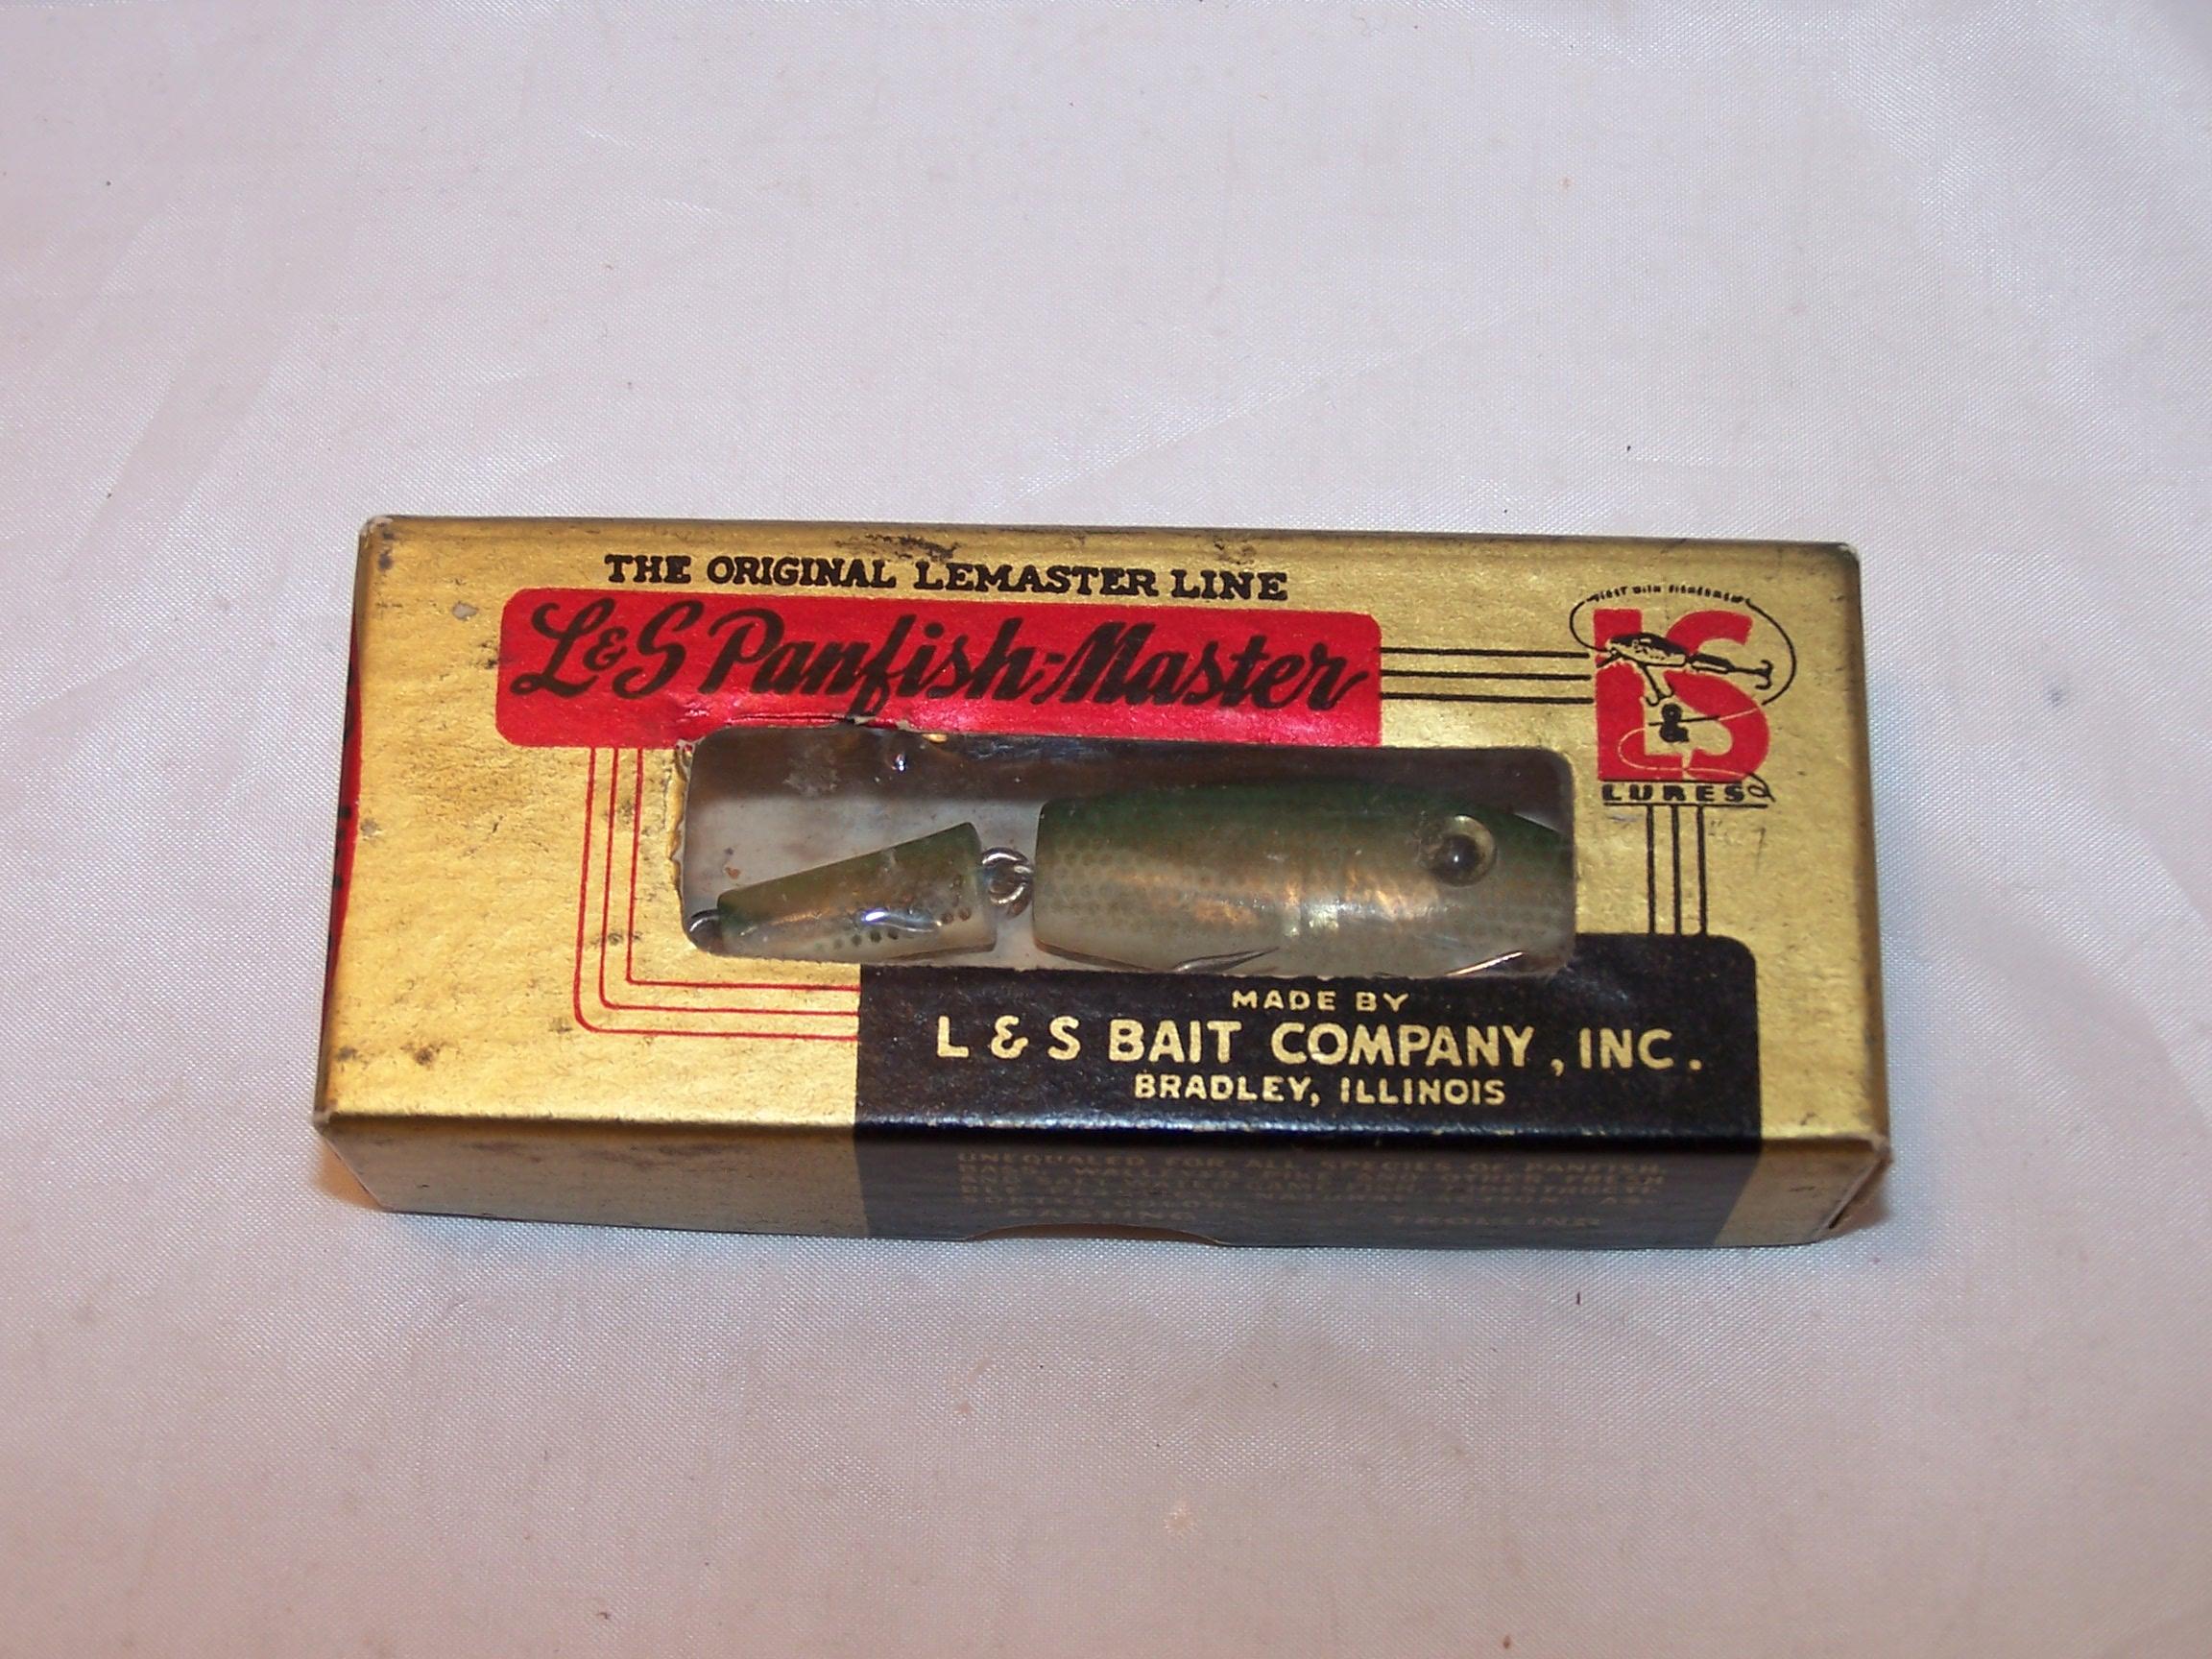 Image 4 of LS Panfish Master Fishing Lure, 0011, Vintage w Box